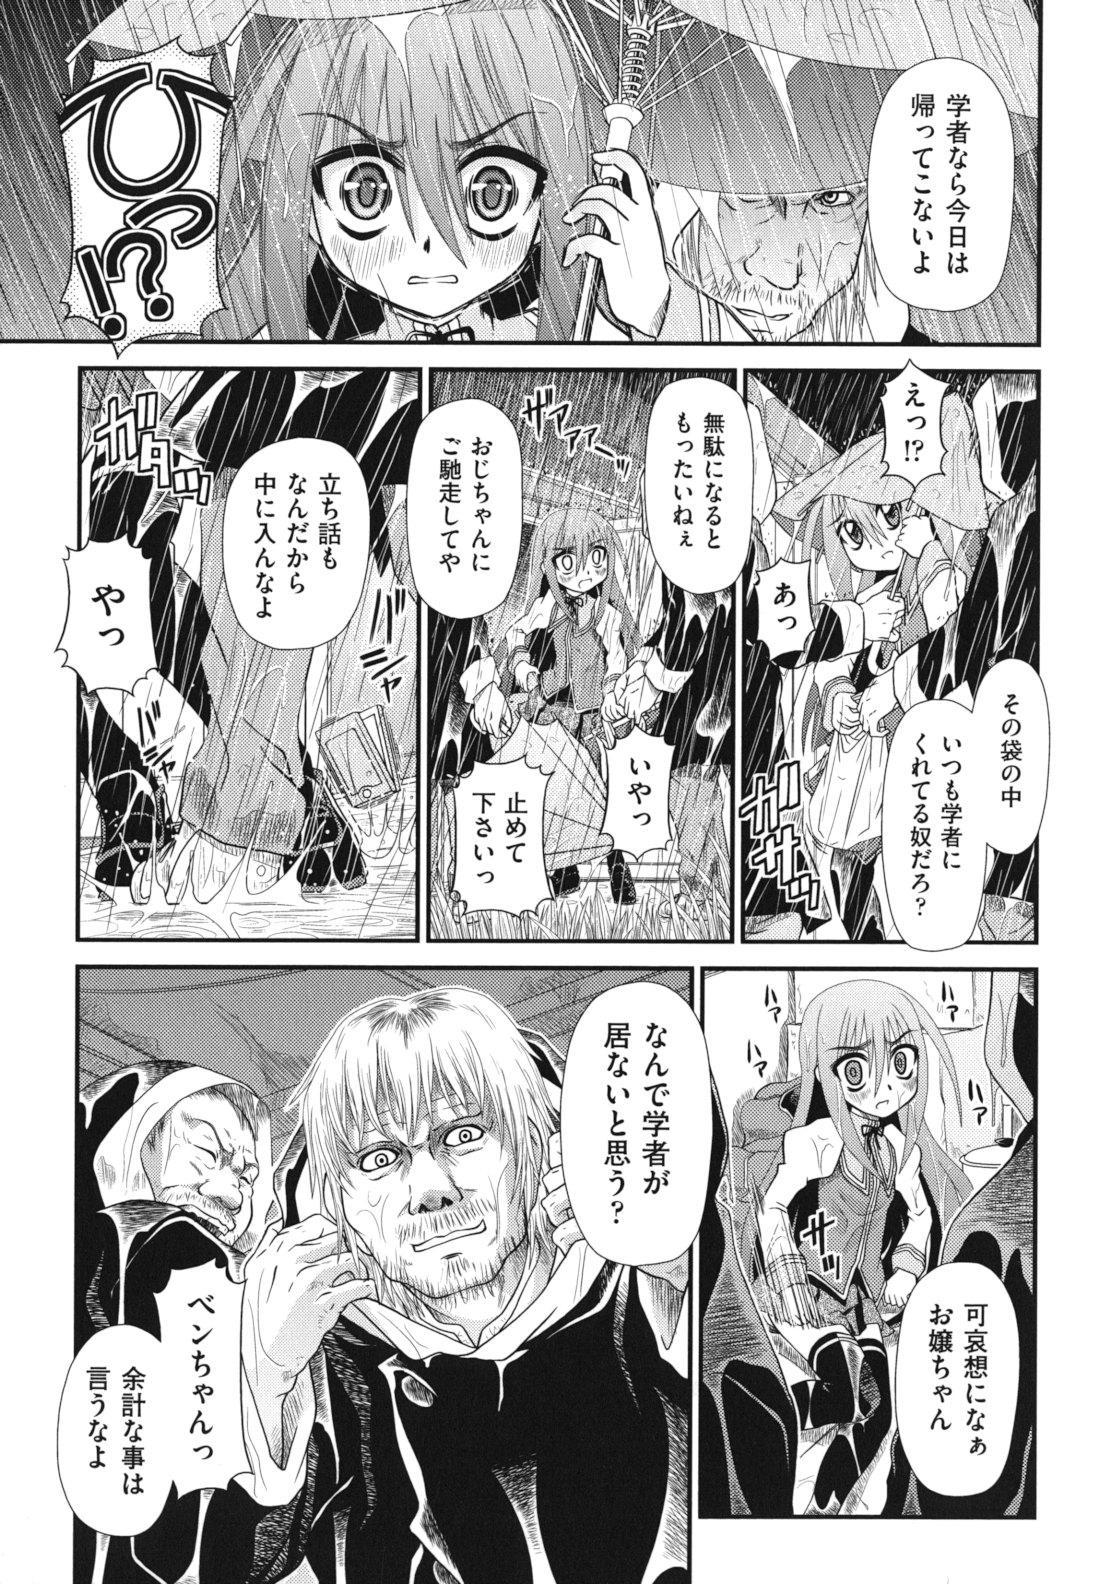 Twintail de Kneesocks no Onnanoko tachi ga Kyakkya de Ufufu♥ 149